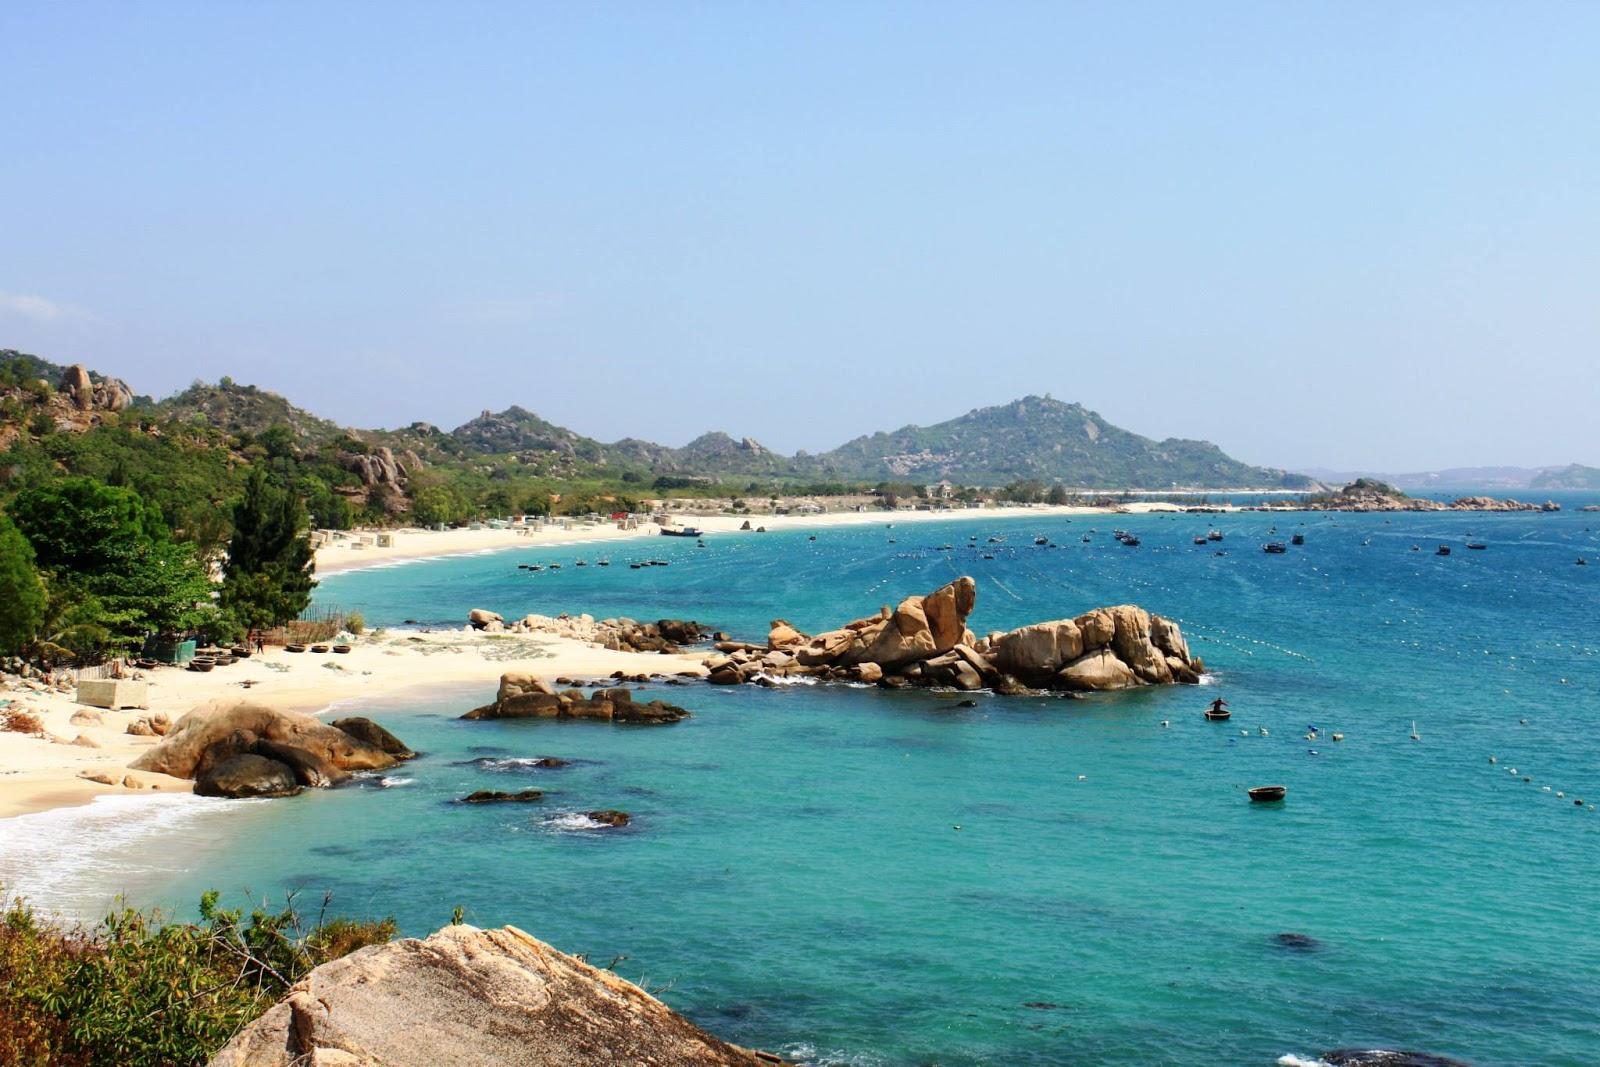 du lịch Vinatravel - khám phá Đảo Bình Hưng